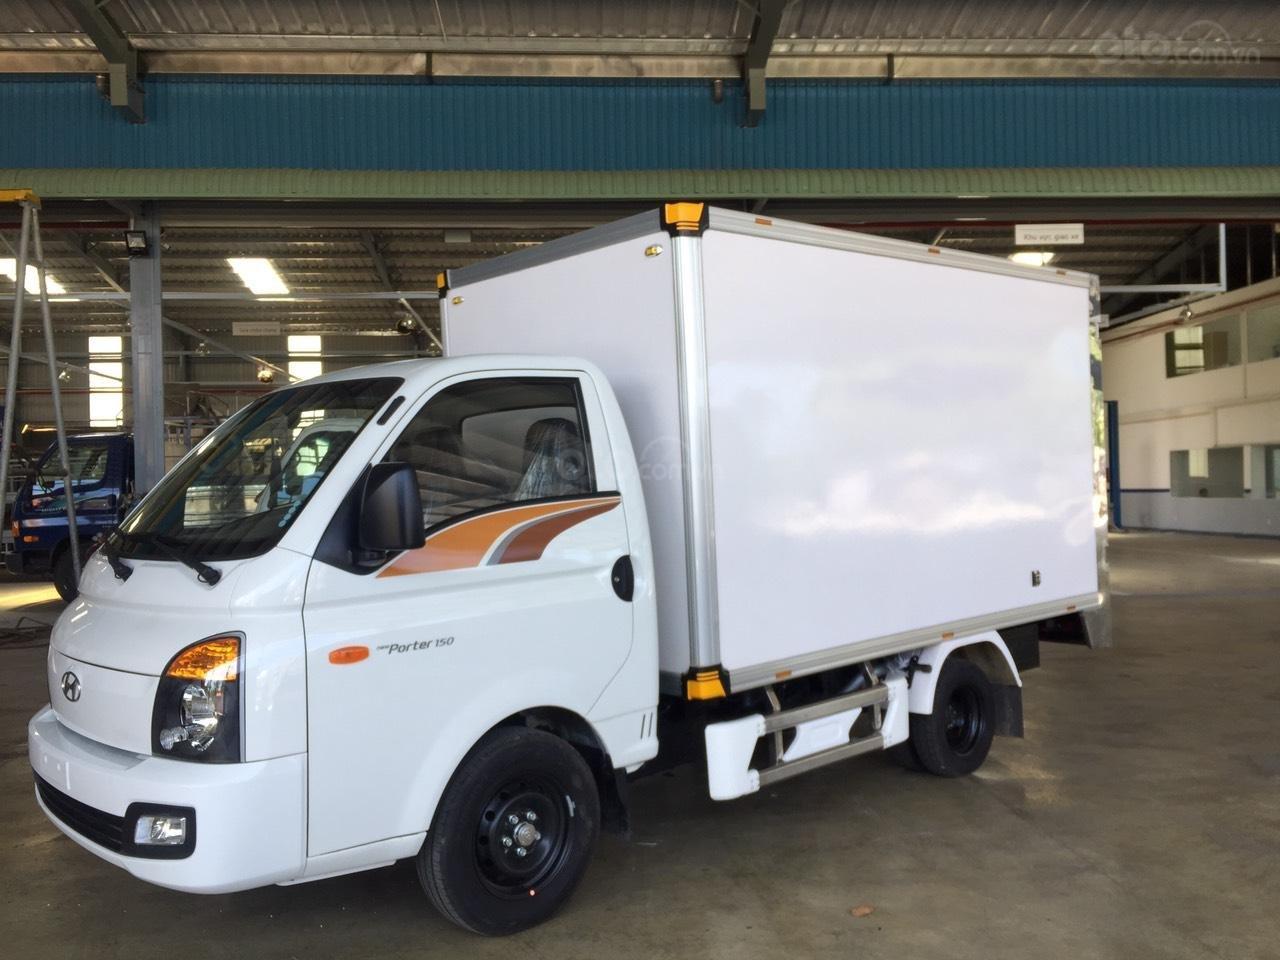 Hyundai Porter 150 2019 thùng composite, có sẵn xe giao ngay, tặng bảo hiểm xe 100% (2)